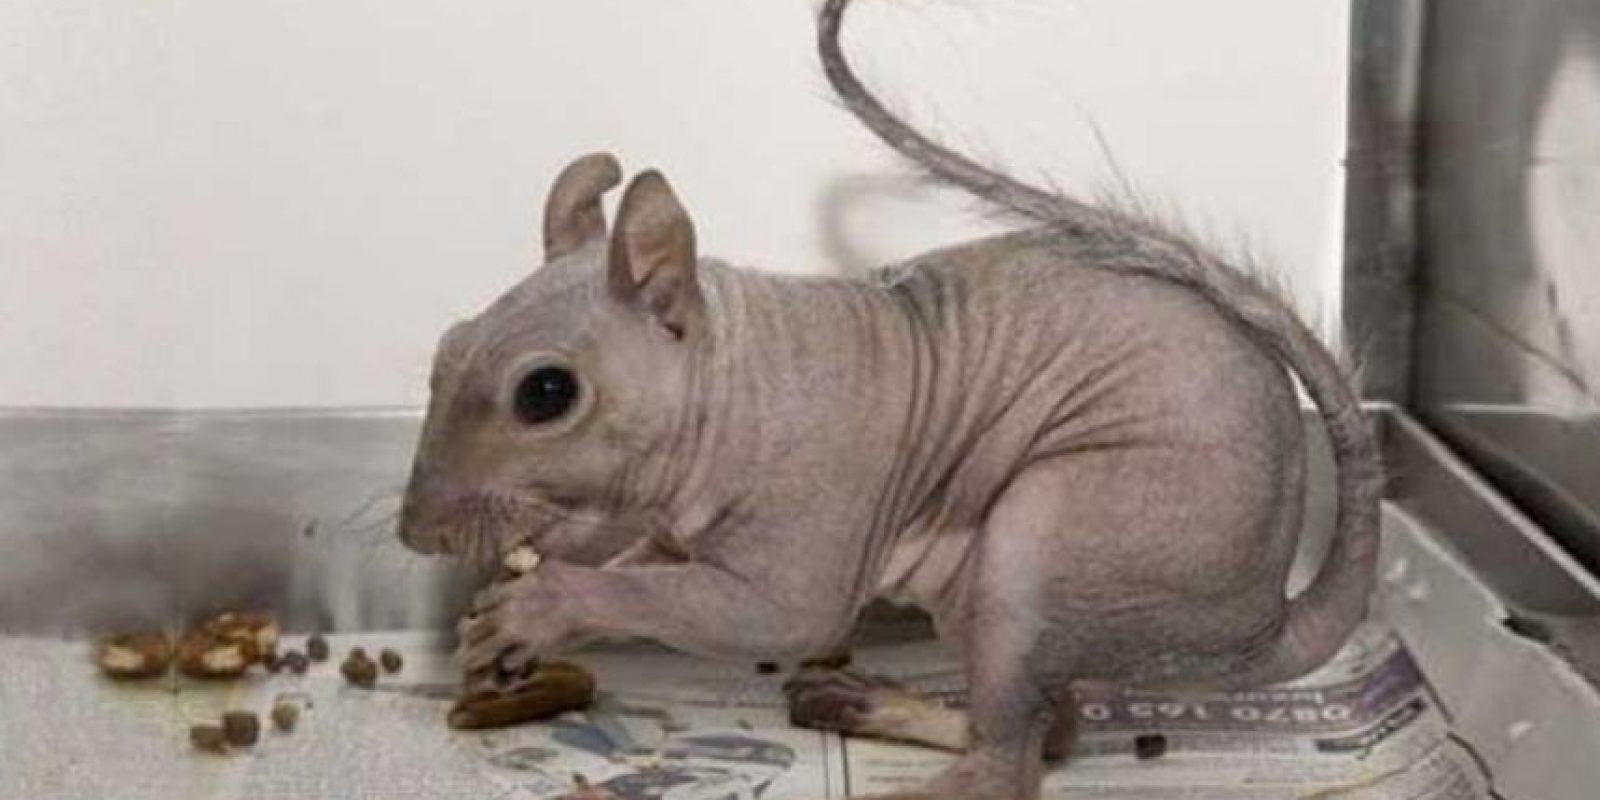 Ardilla: Puede que parezcauna rata, pero en realidad se trata de una ardilla calva.Las ardillas calvas no son tan raras, ya quepueden perder su cabello debido a una infección por ácaros.